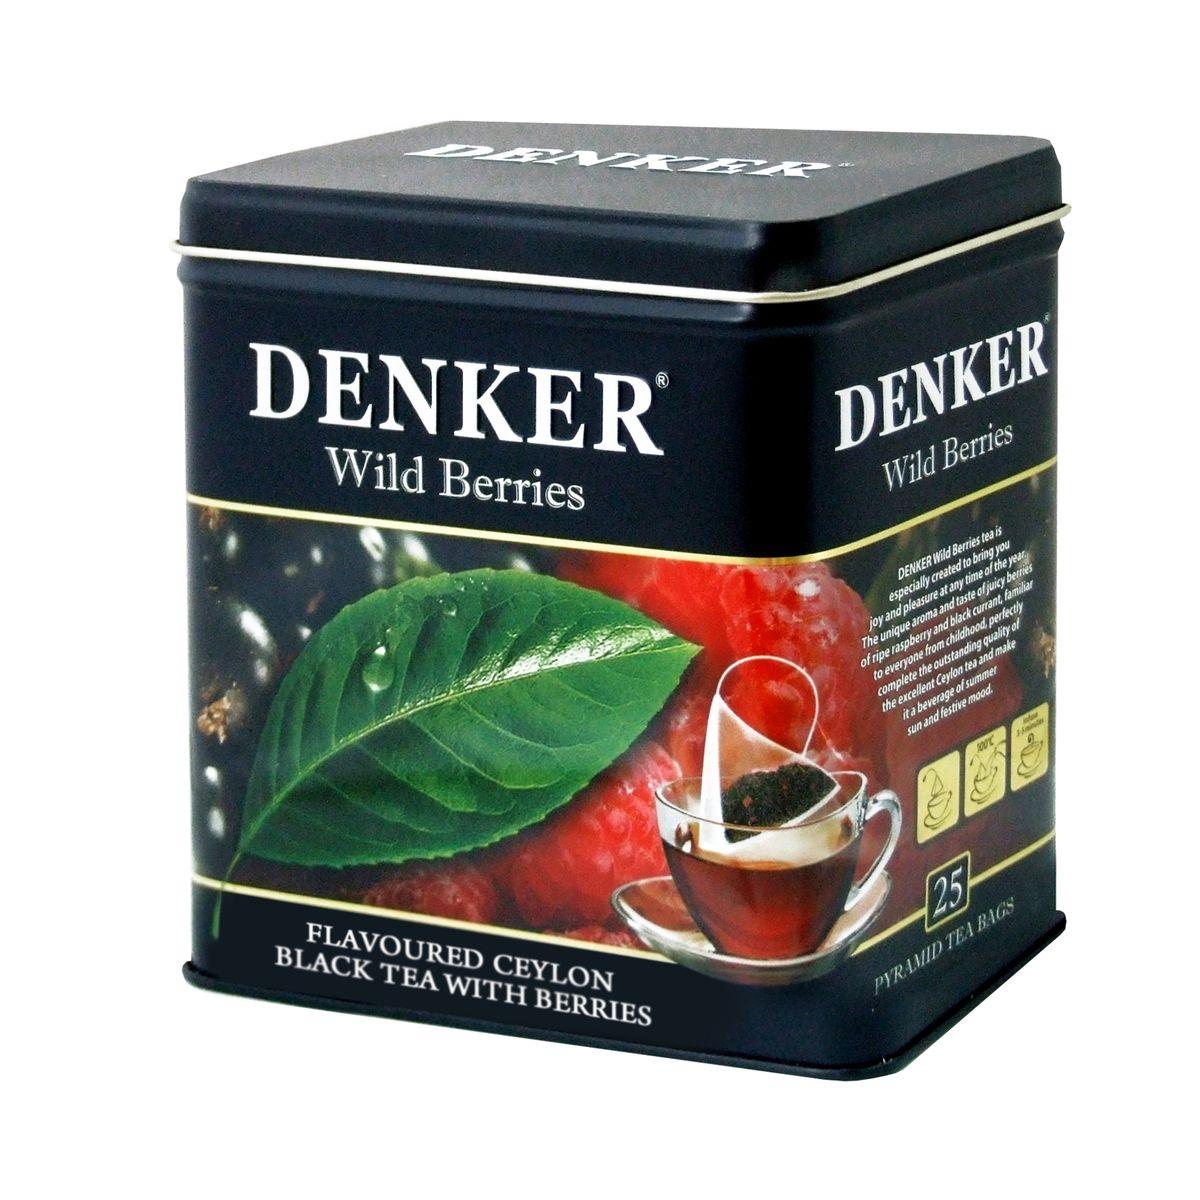 Denker Wild Berries черный чай в пирамидках, 25 шт1080014Чай Denker Wild Berries создан специально для того, чтобы дарить радость и доставлять удовольствие в любое время года. Знакомый каждому с детства аромат и незабываемый вкус сочных ягод спелой малины и черной смородины прекрасно дополняют уникальные качества великолепного цейлонского чая, превращая его в напиток летнего солнца и праздничного настроения.